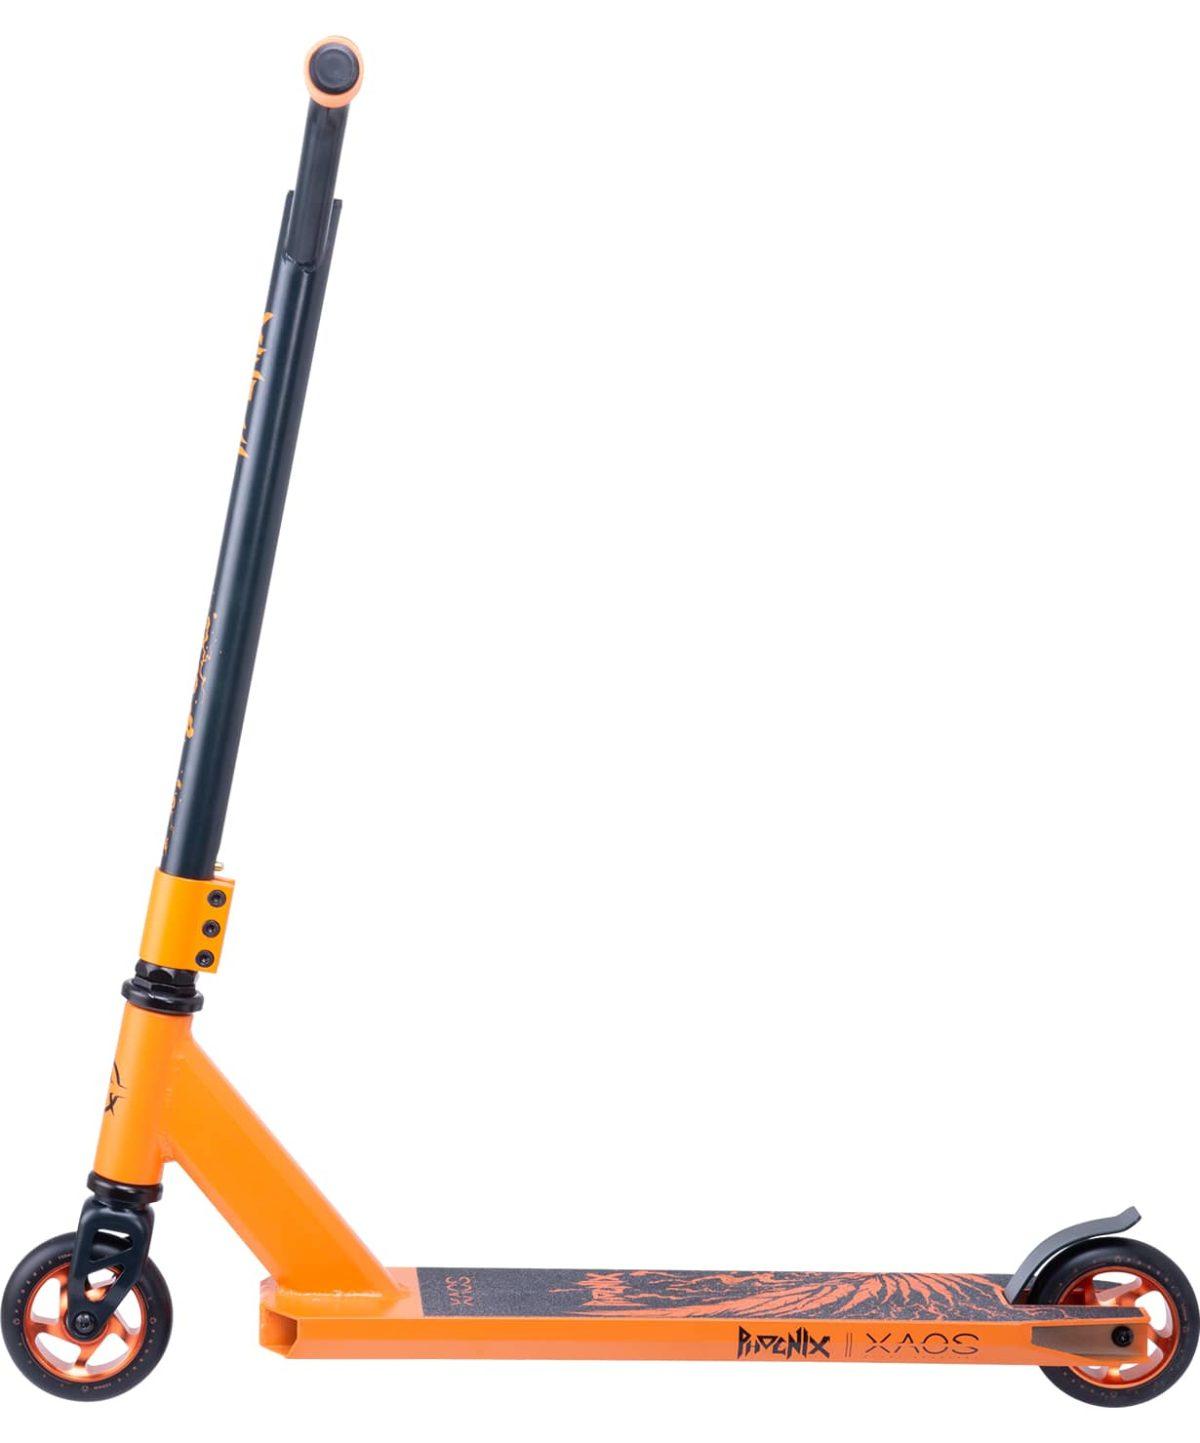 XAOS Phoenix Cамокат трюковый 100 мм  Phoenix: Orange - 8